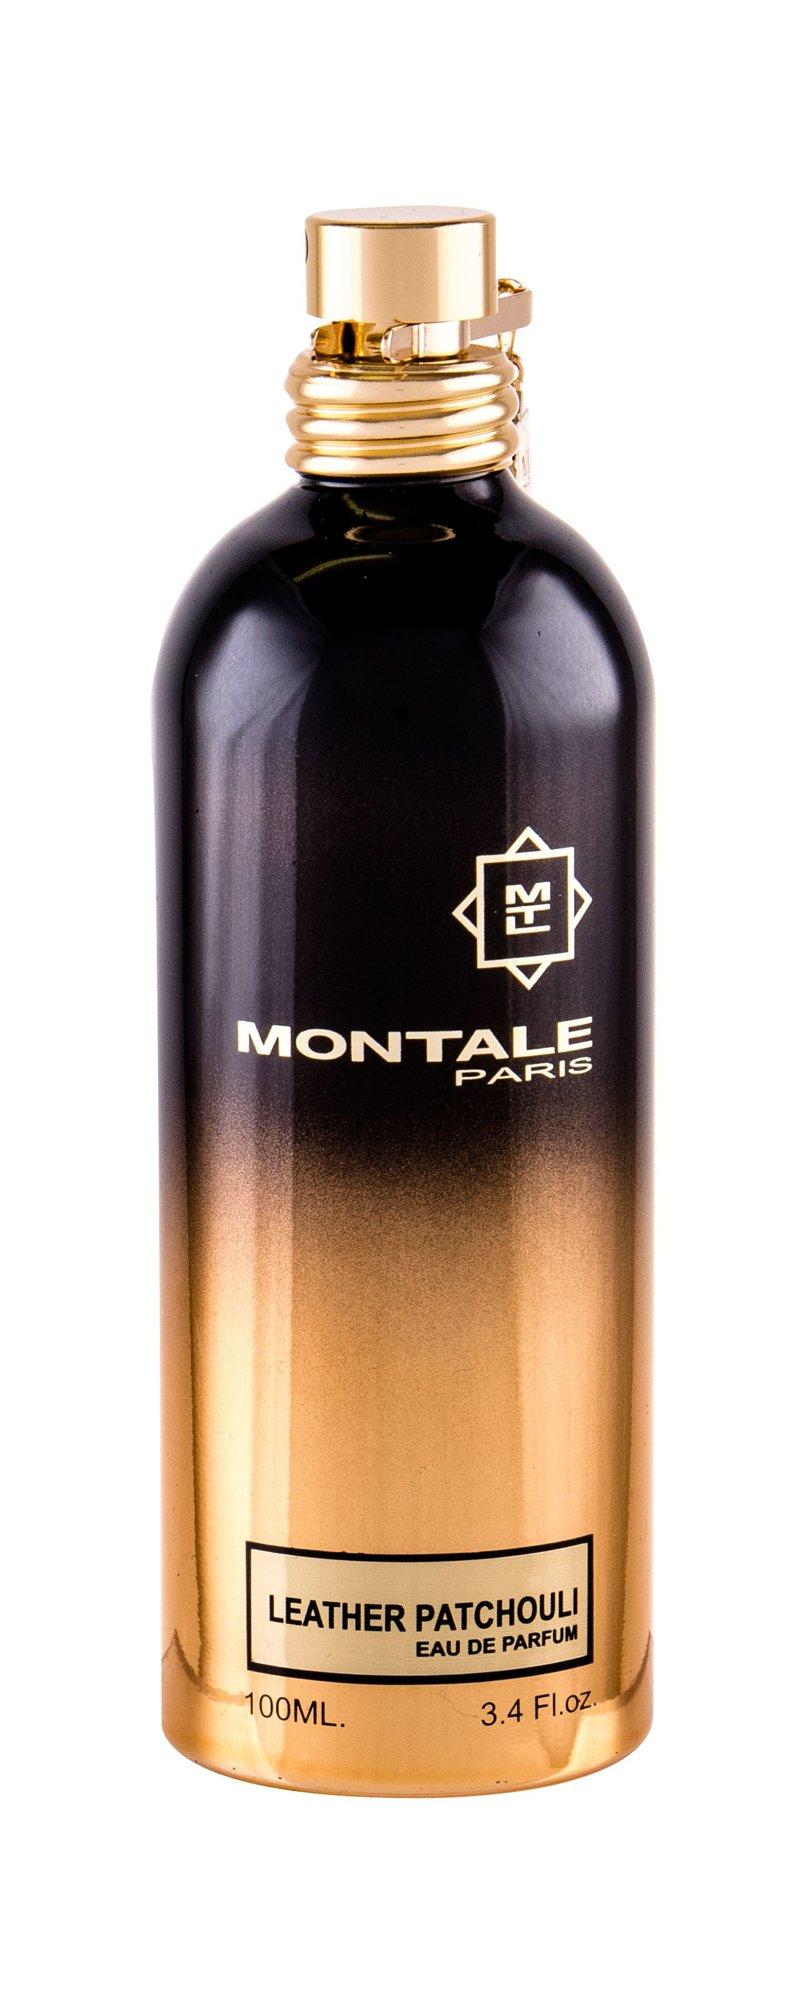 Montale Paris Leather Patchouli